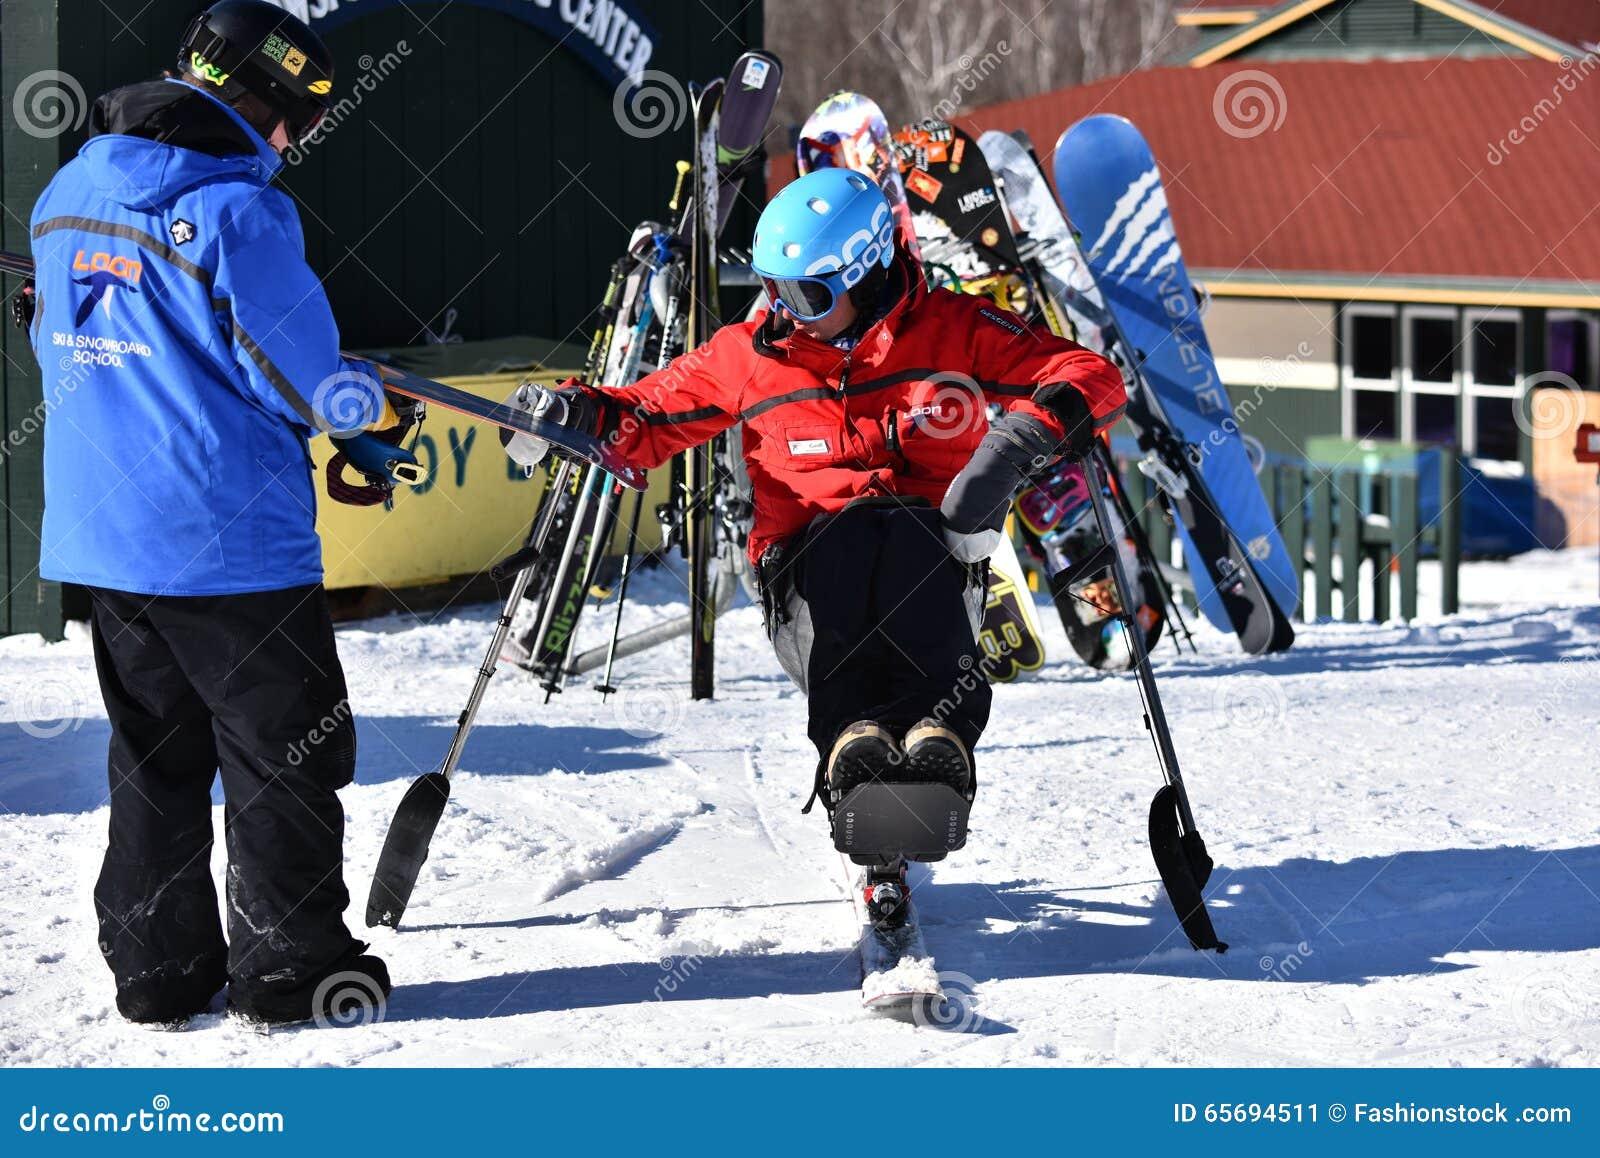 Tina Sutton Memorial - slalom Ski Competition Den oidentifierade rörelsehindrade skidåkaren deltar i till junior skidar loppet